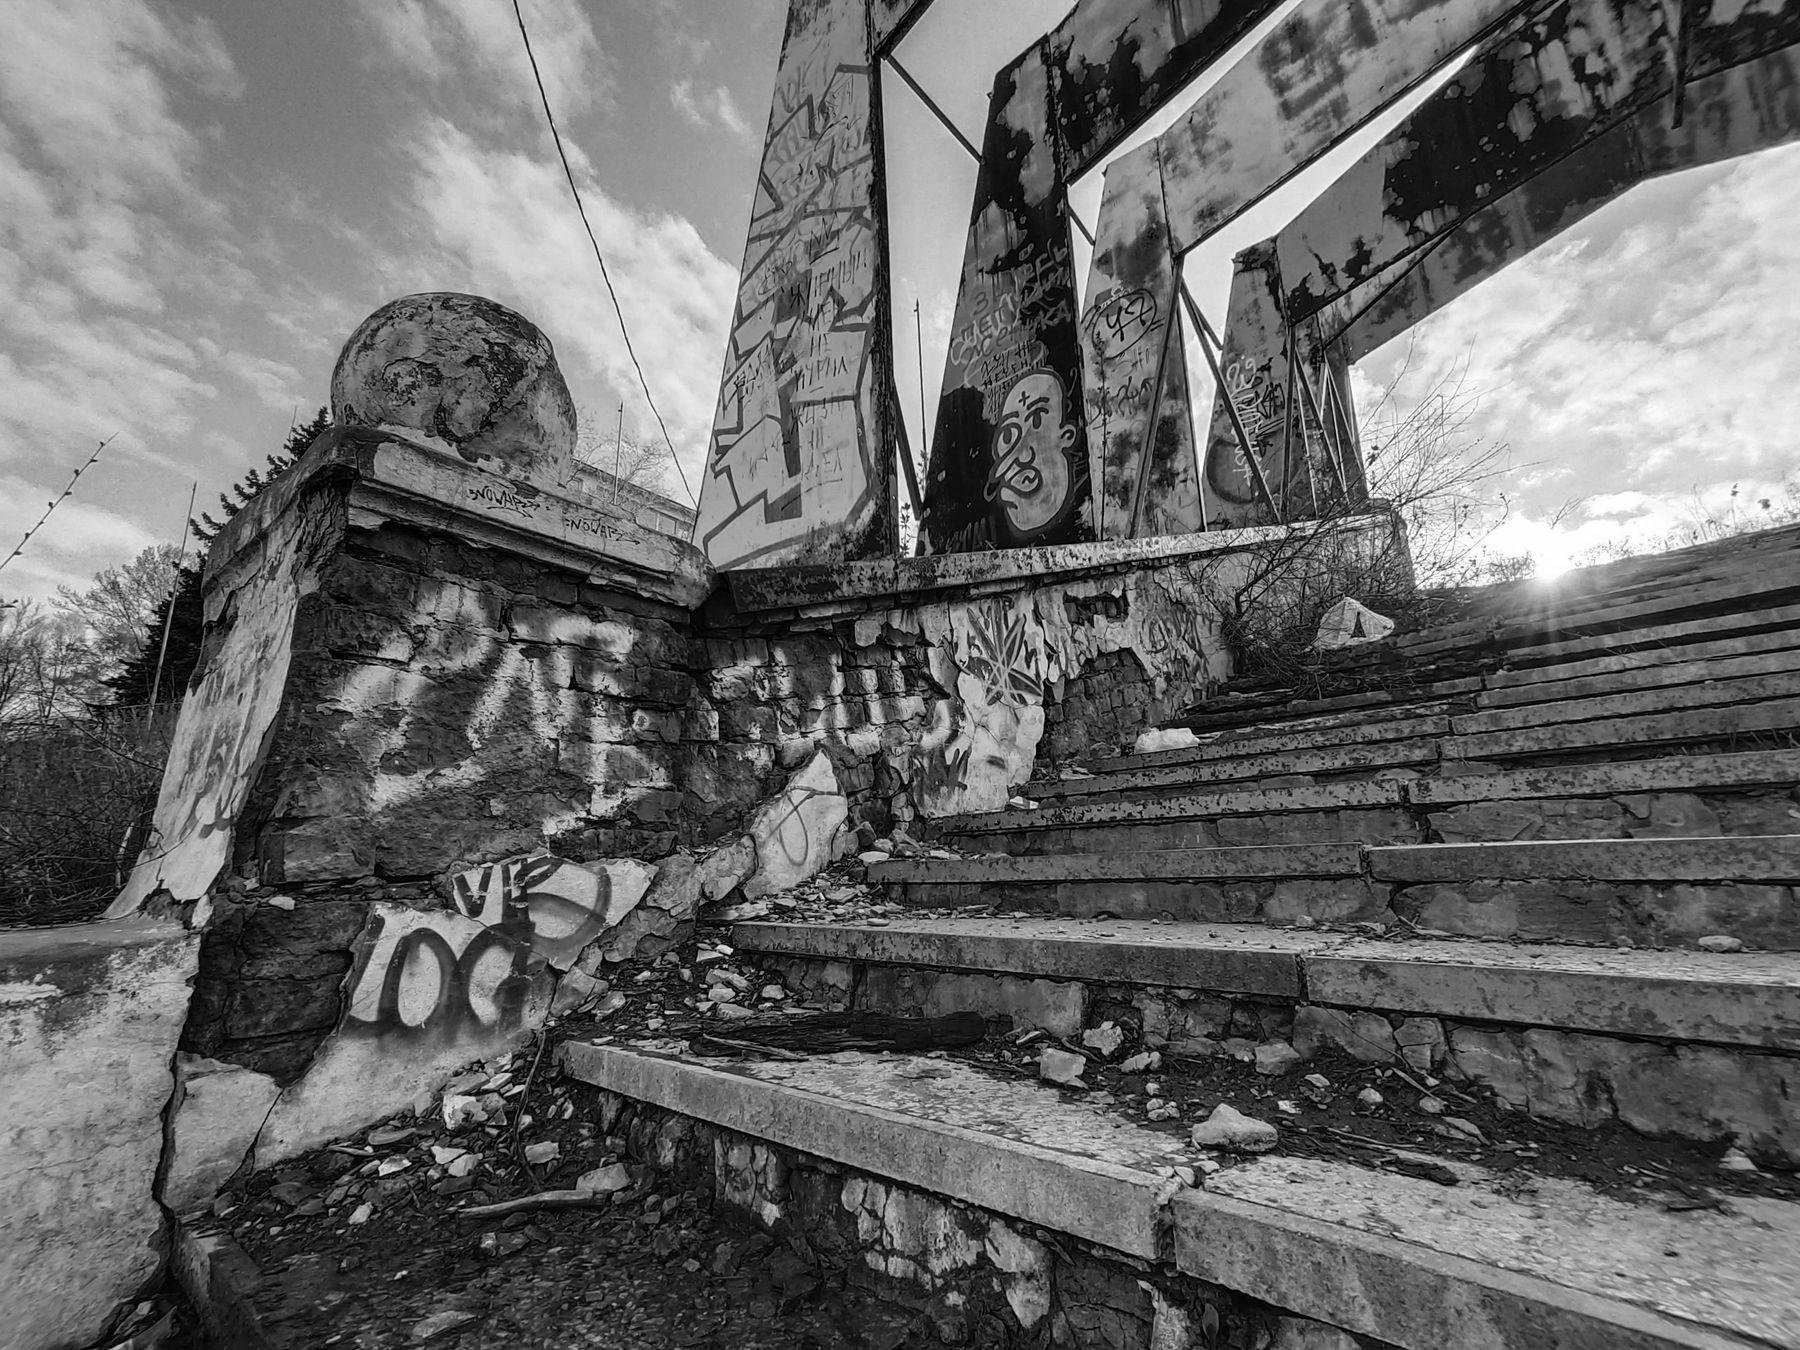 На заре нового заката... город постройка строение стадион ступеньки ступени шар арт стритарт граффити заря закат небо облака атмосфера чёрный белый чернобелый монохром фото